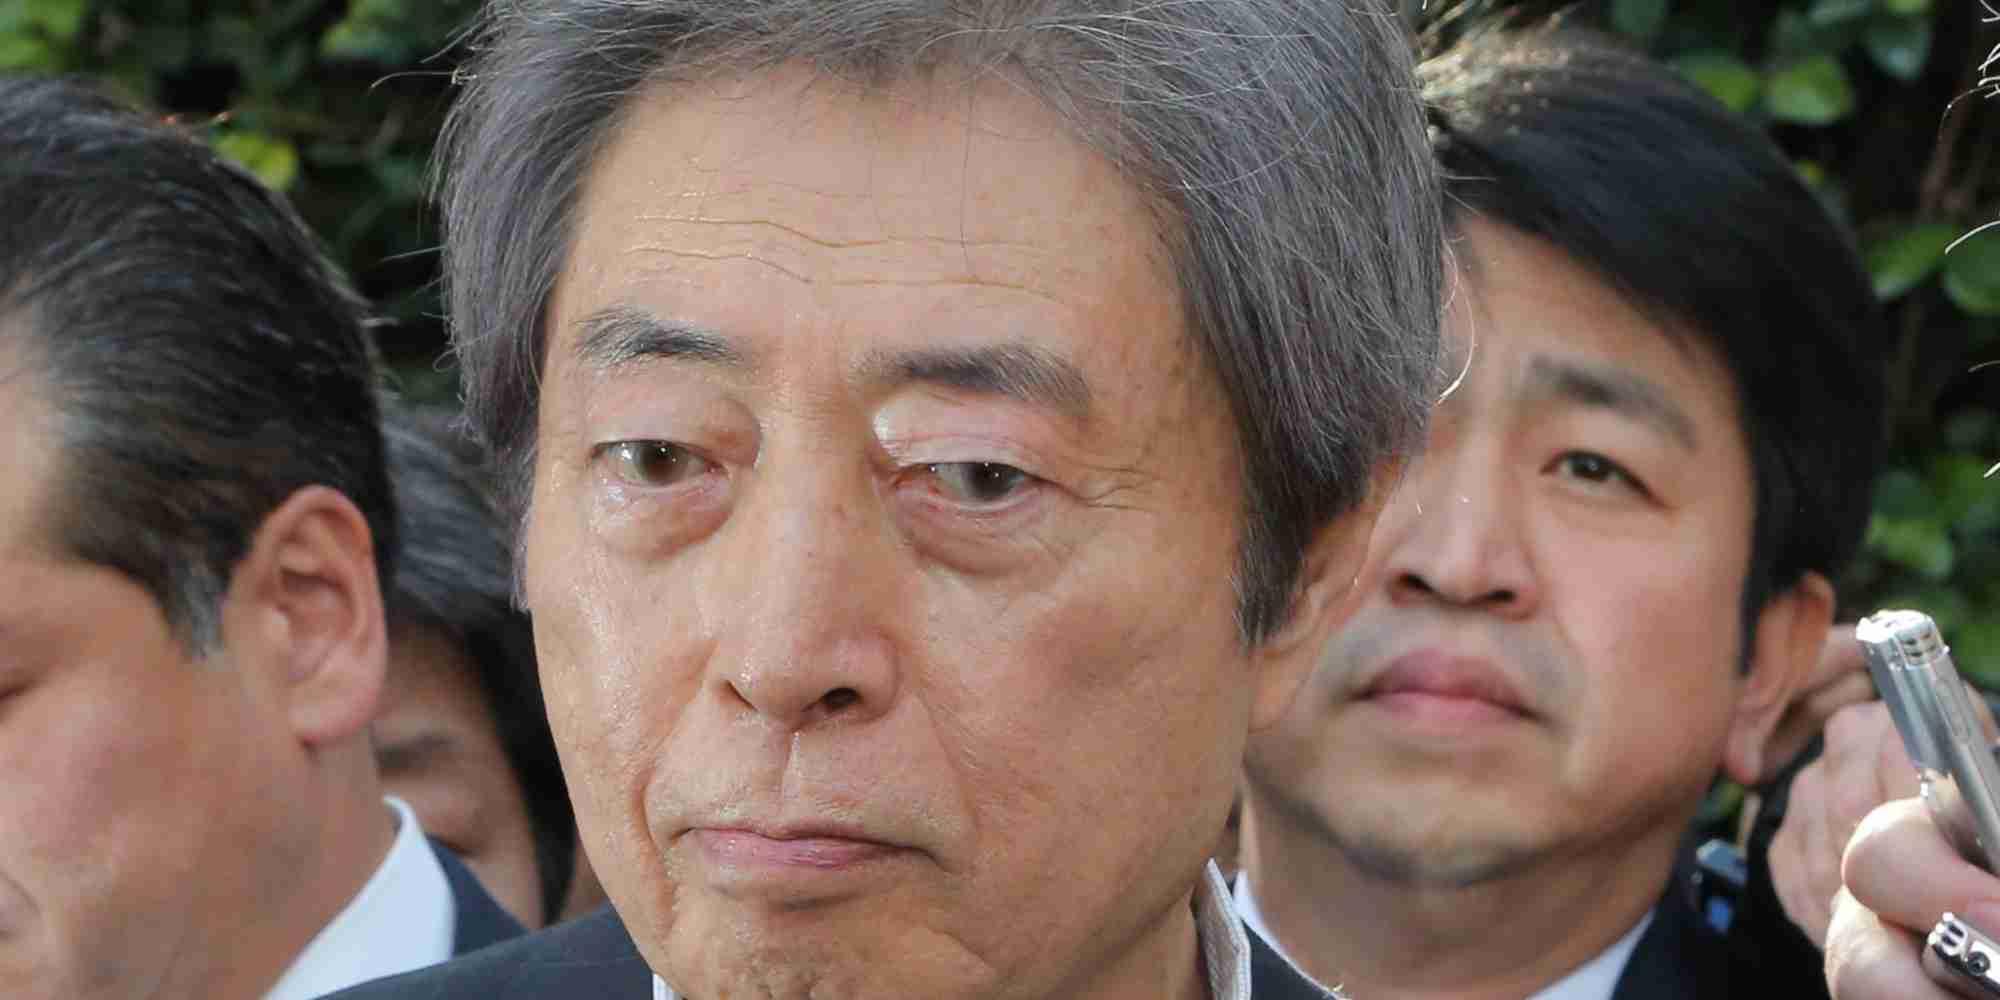 細川護煕氏「オリンピックは辞退するべきだった」 都知事選、各候補者の五輪政策とは